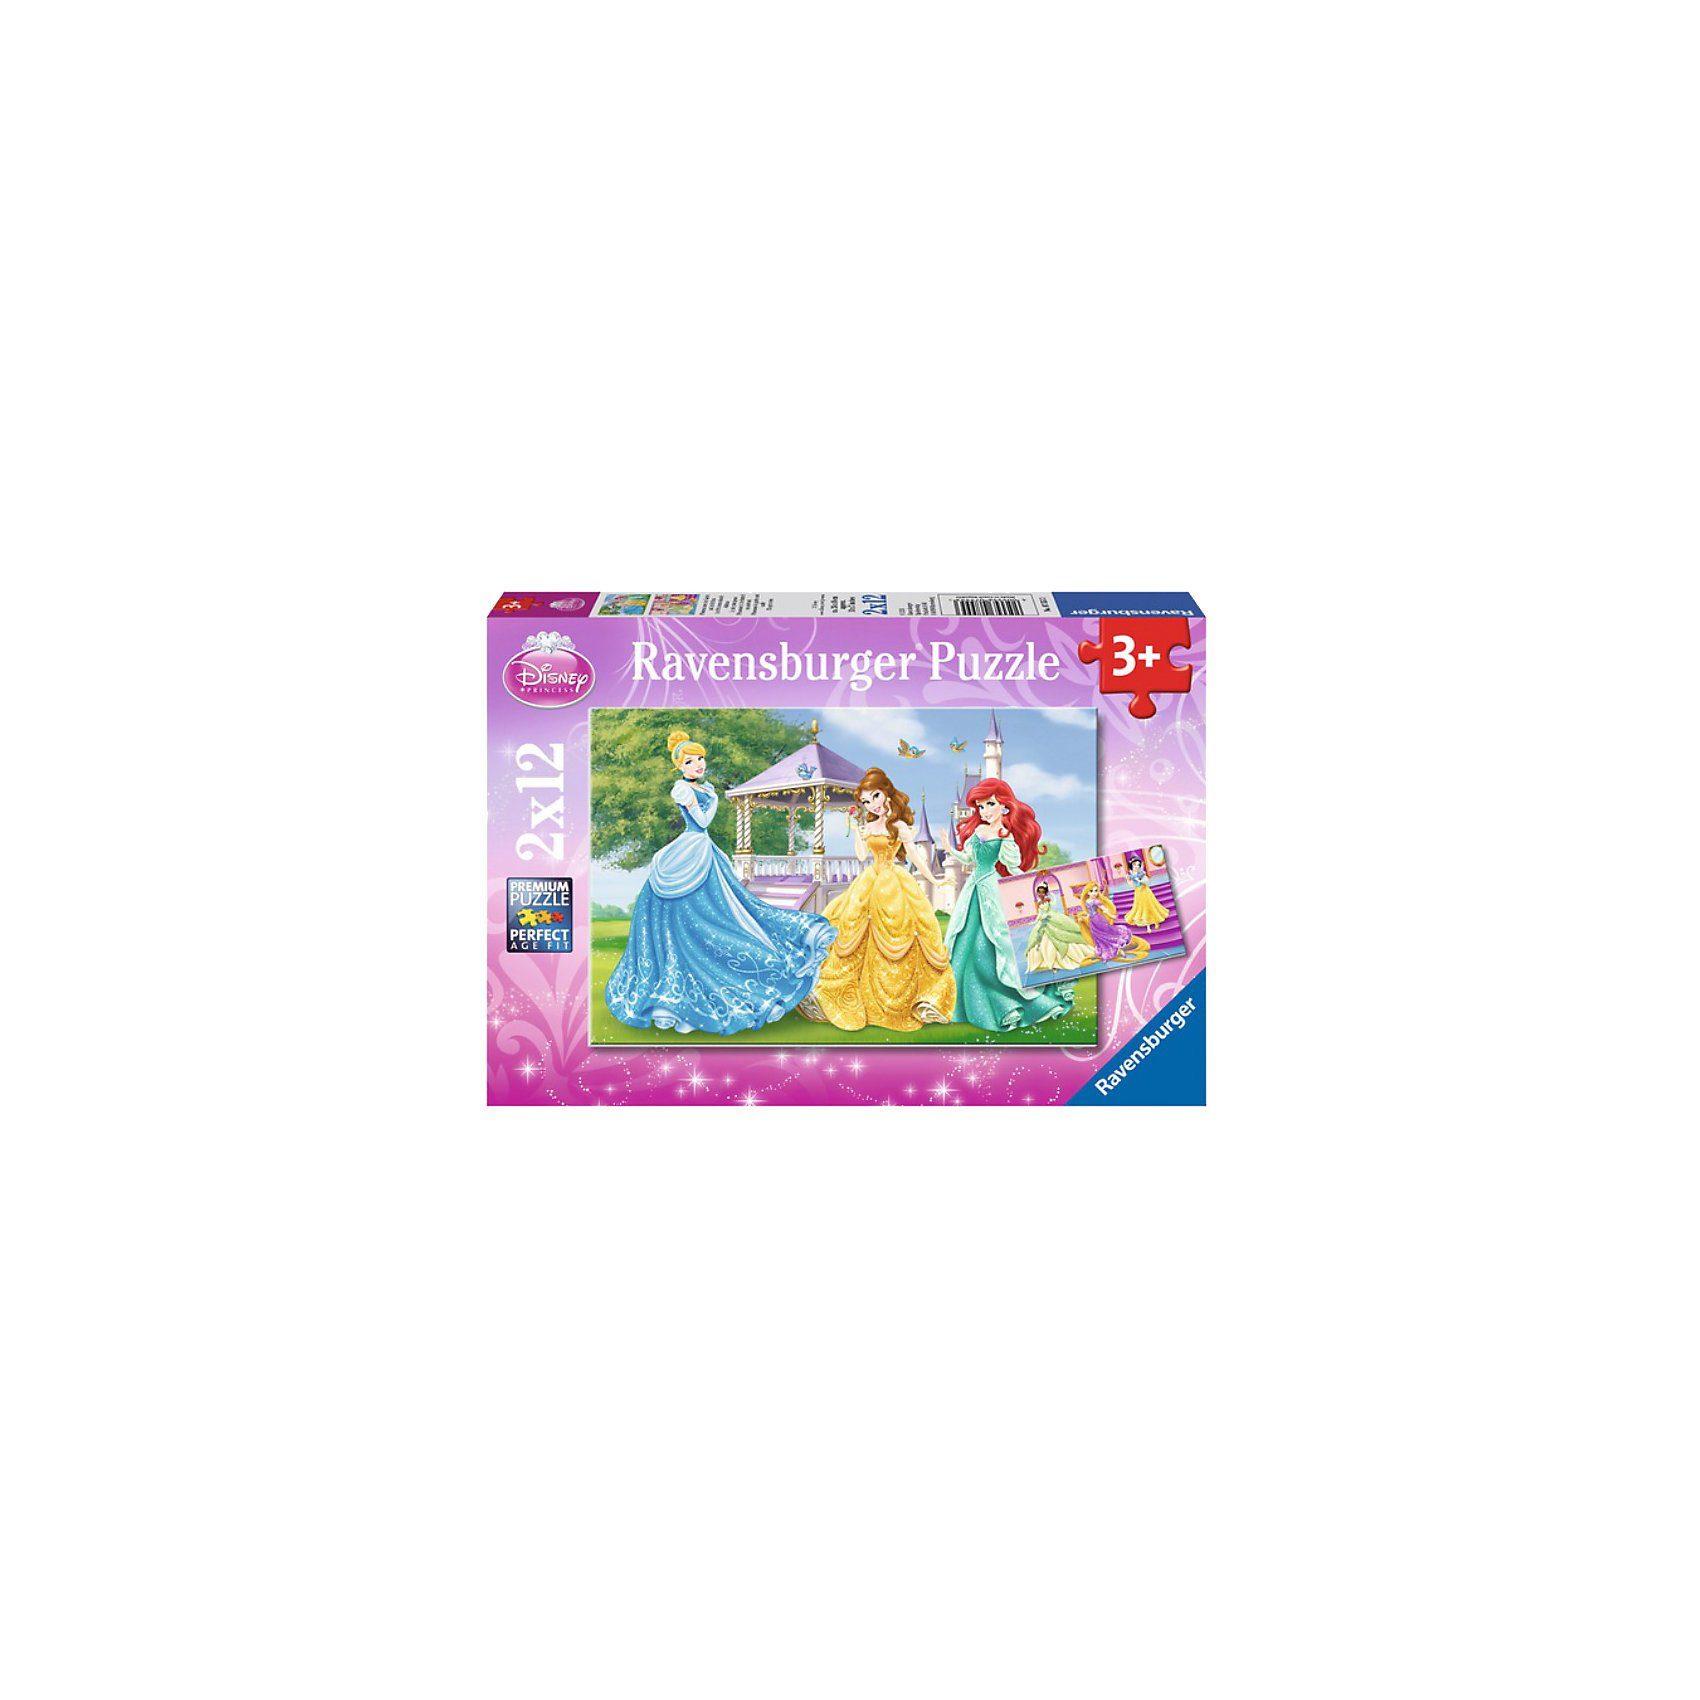 Ravensburger Puzzleset Disney Princess: Prinzessinnen im Schloss und Gart